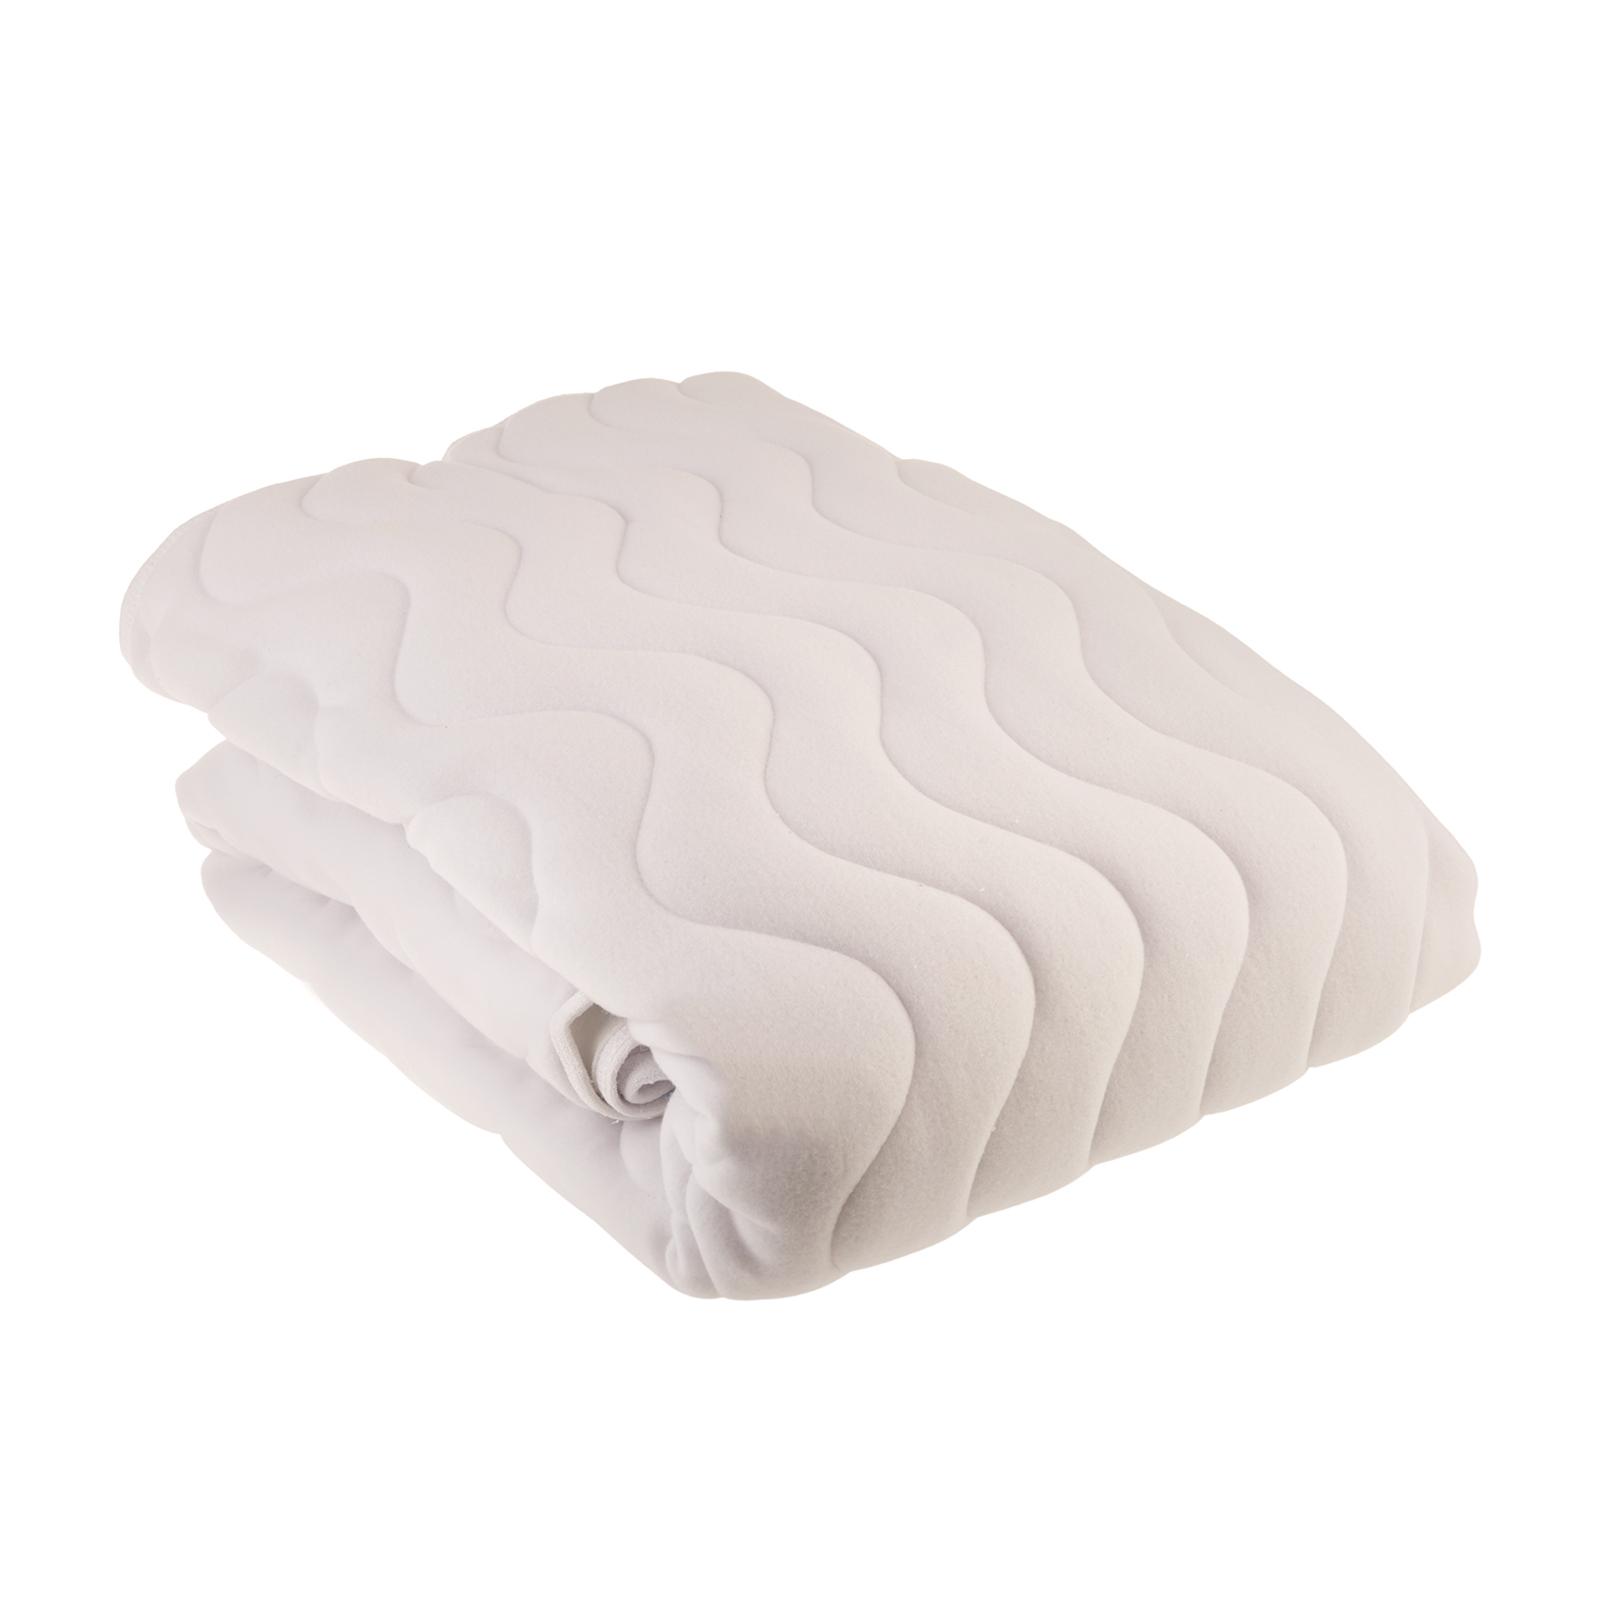 Karaca Home Softy Plumy Çift Kişilik Sıvı Geçirmez Uyku Pedi 120 cm x 220 cm